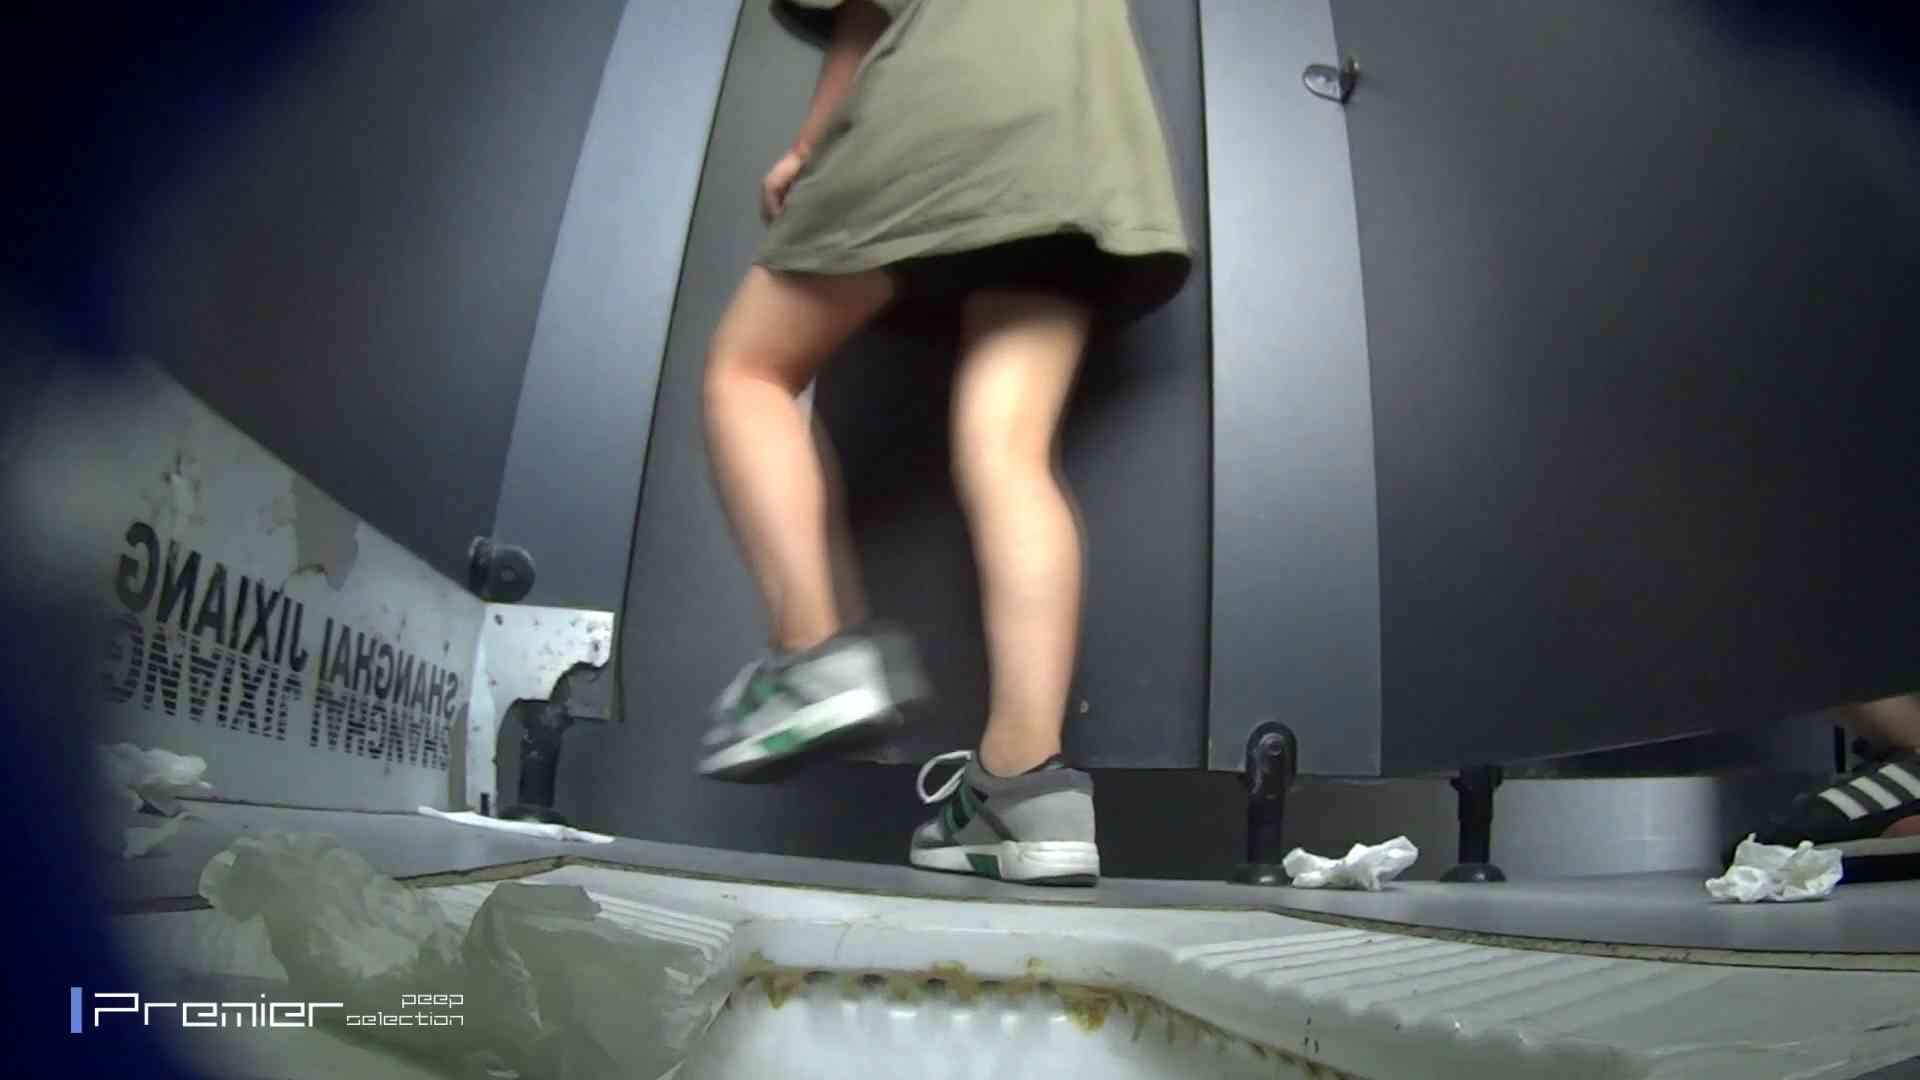 スキニージーンズの美女 大学休憩時間の洗面所事情56 美女  56pic 33